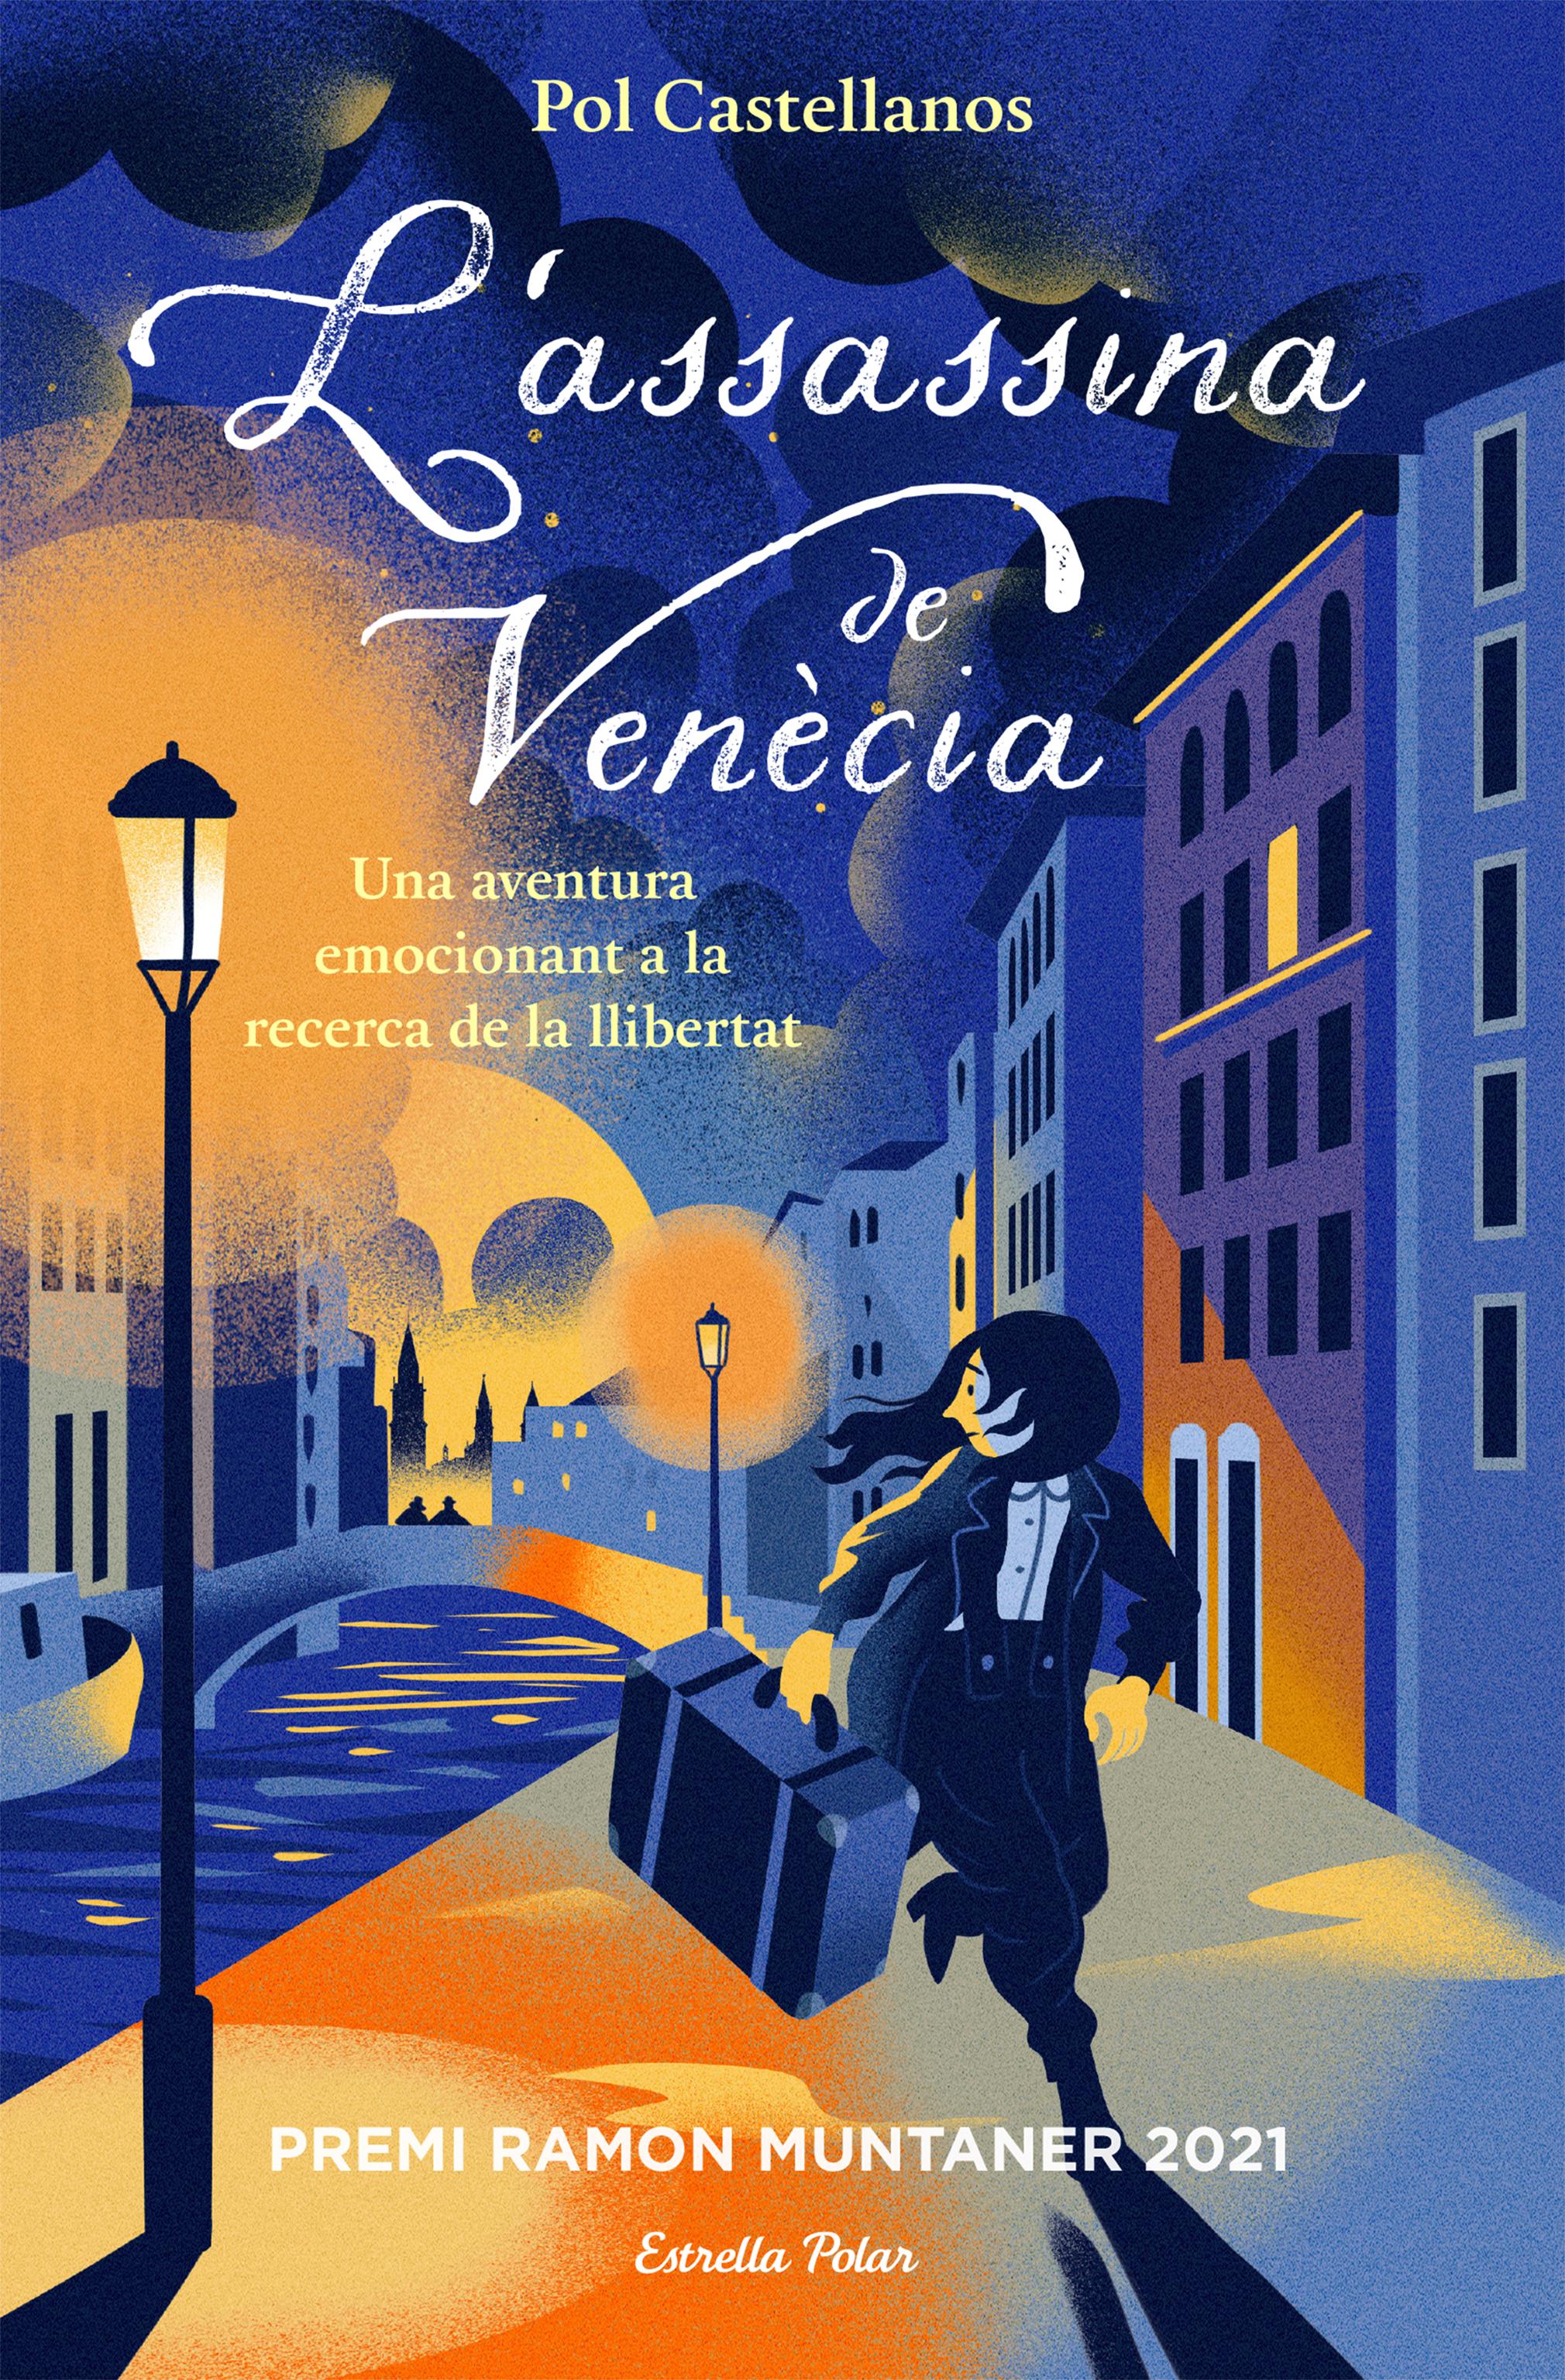 C_L Assessina de Venecia.jpg